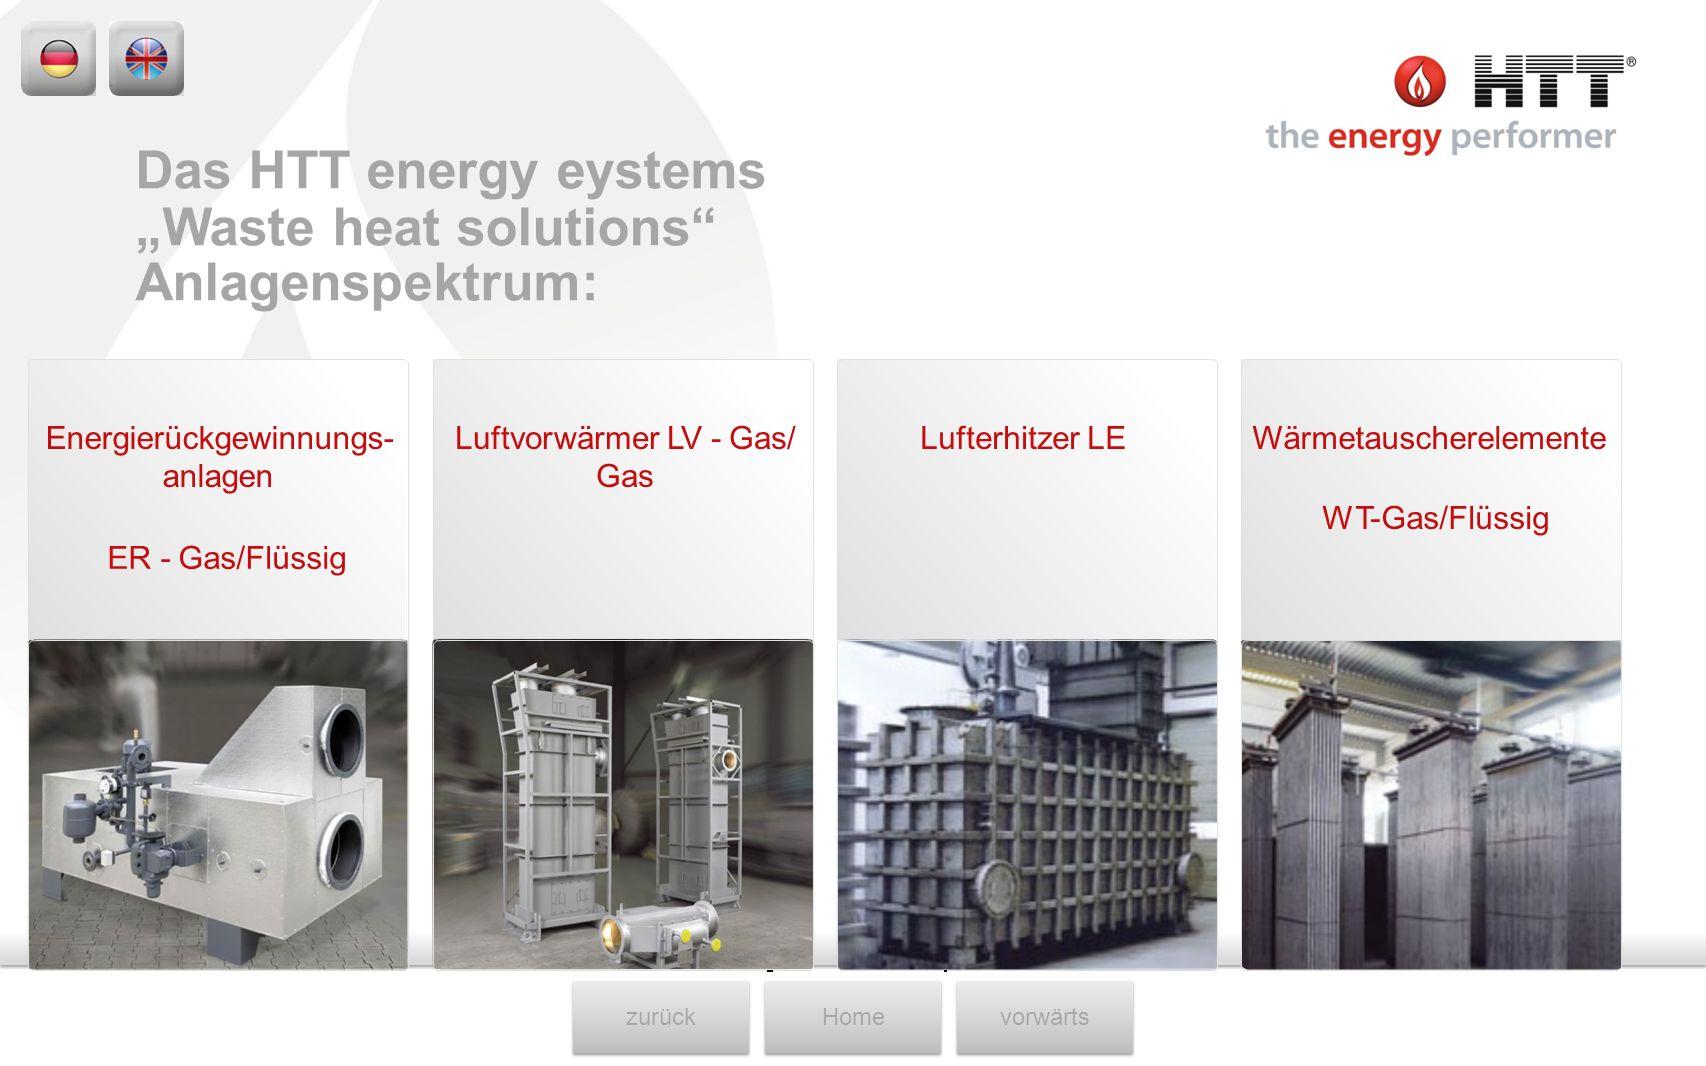 zurückHomevorwärts Energierückgewinnungs- anlagen Luftvorwärmer LV - Gas/ Gas Lufterhitzer LEWärmetauscherelemente WT-Gas/Flüssig ER - Gas/Flüssig Das